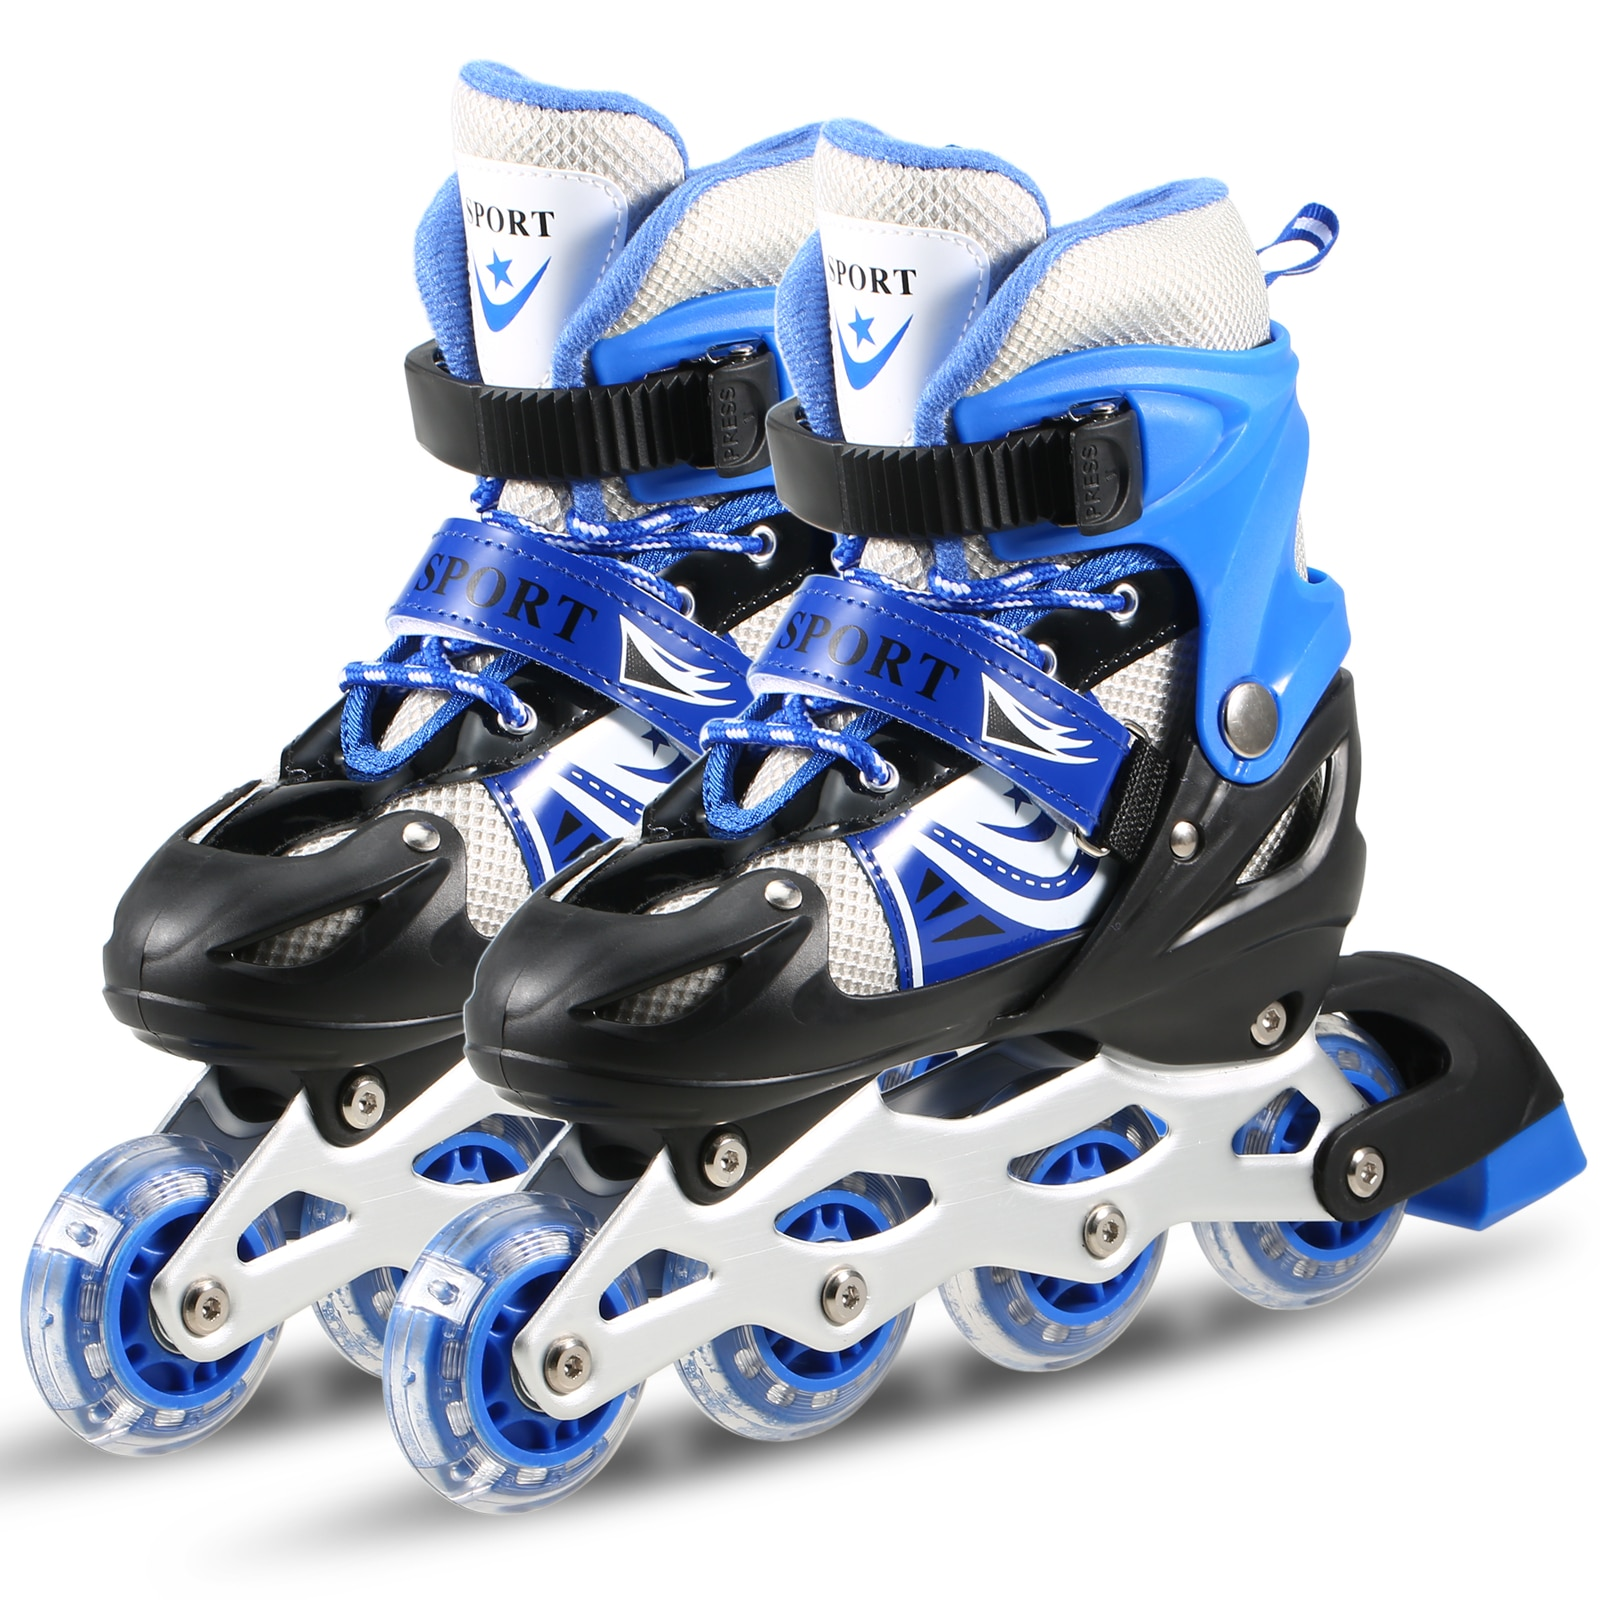 Outdoor Sports Kids Children Roller Skates Adjustable Inline Skating Shoes Outdoor Roller Skates For Boys Girls Kids